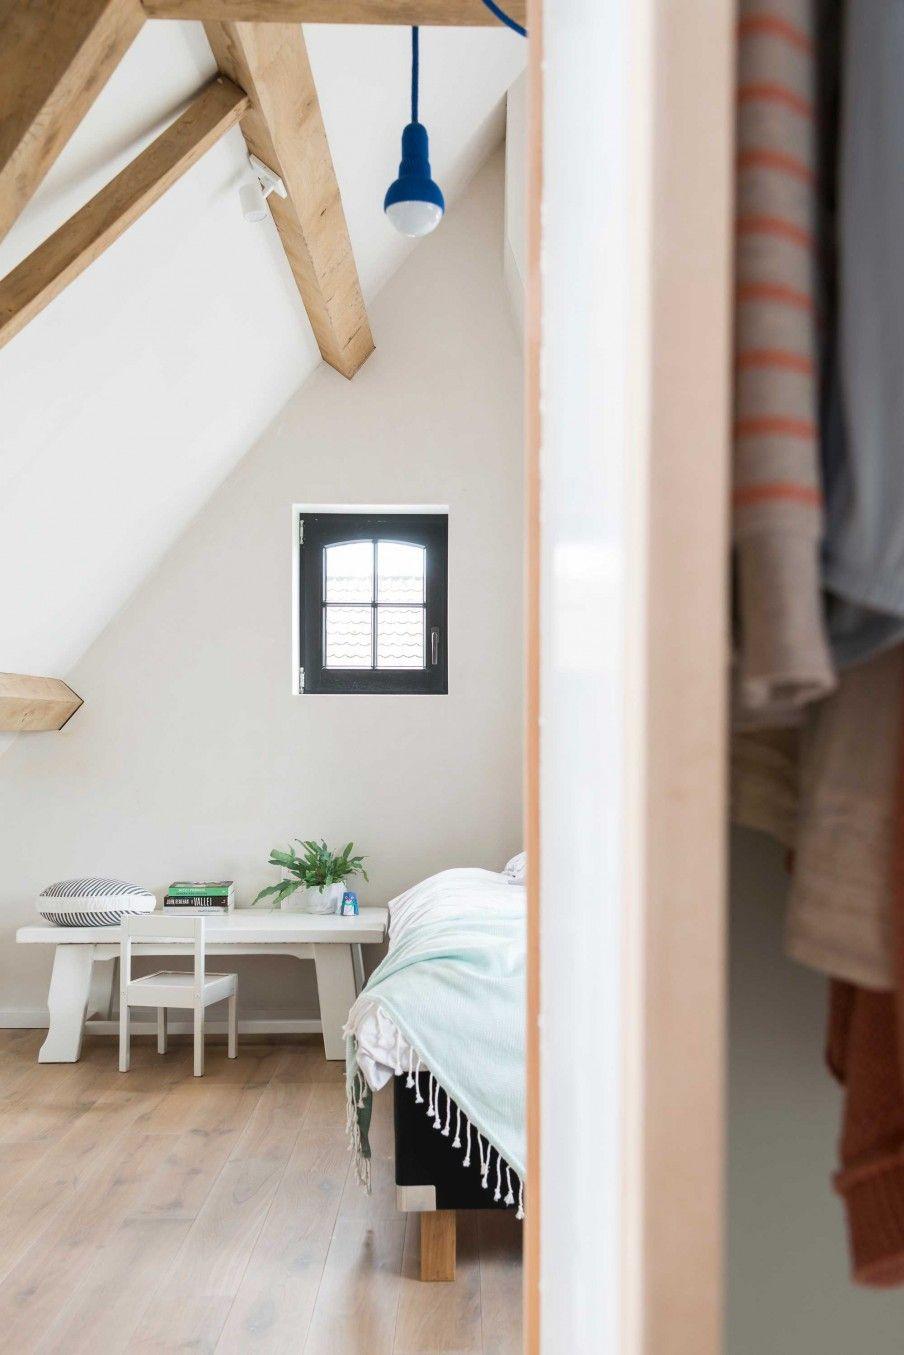 Moderne Hoeve In Deinze Thuis Ideeen Voor Thuisdecoratie Woonideeen